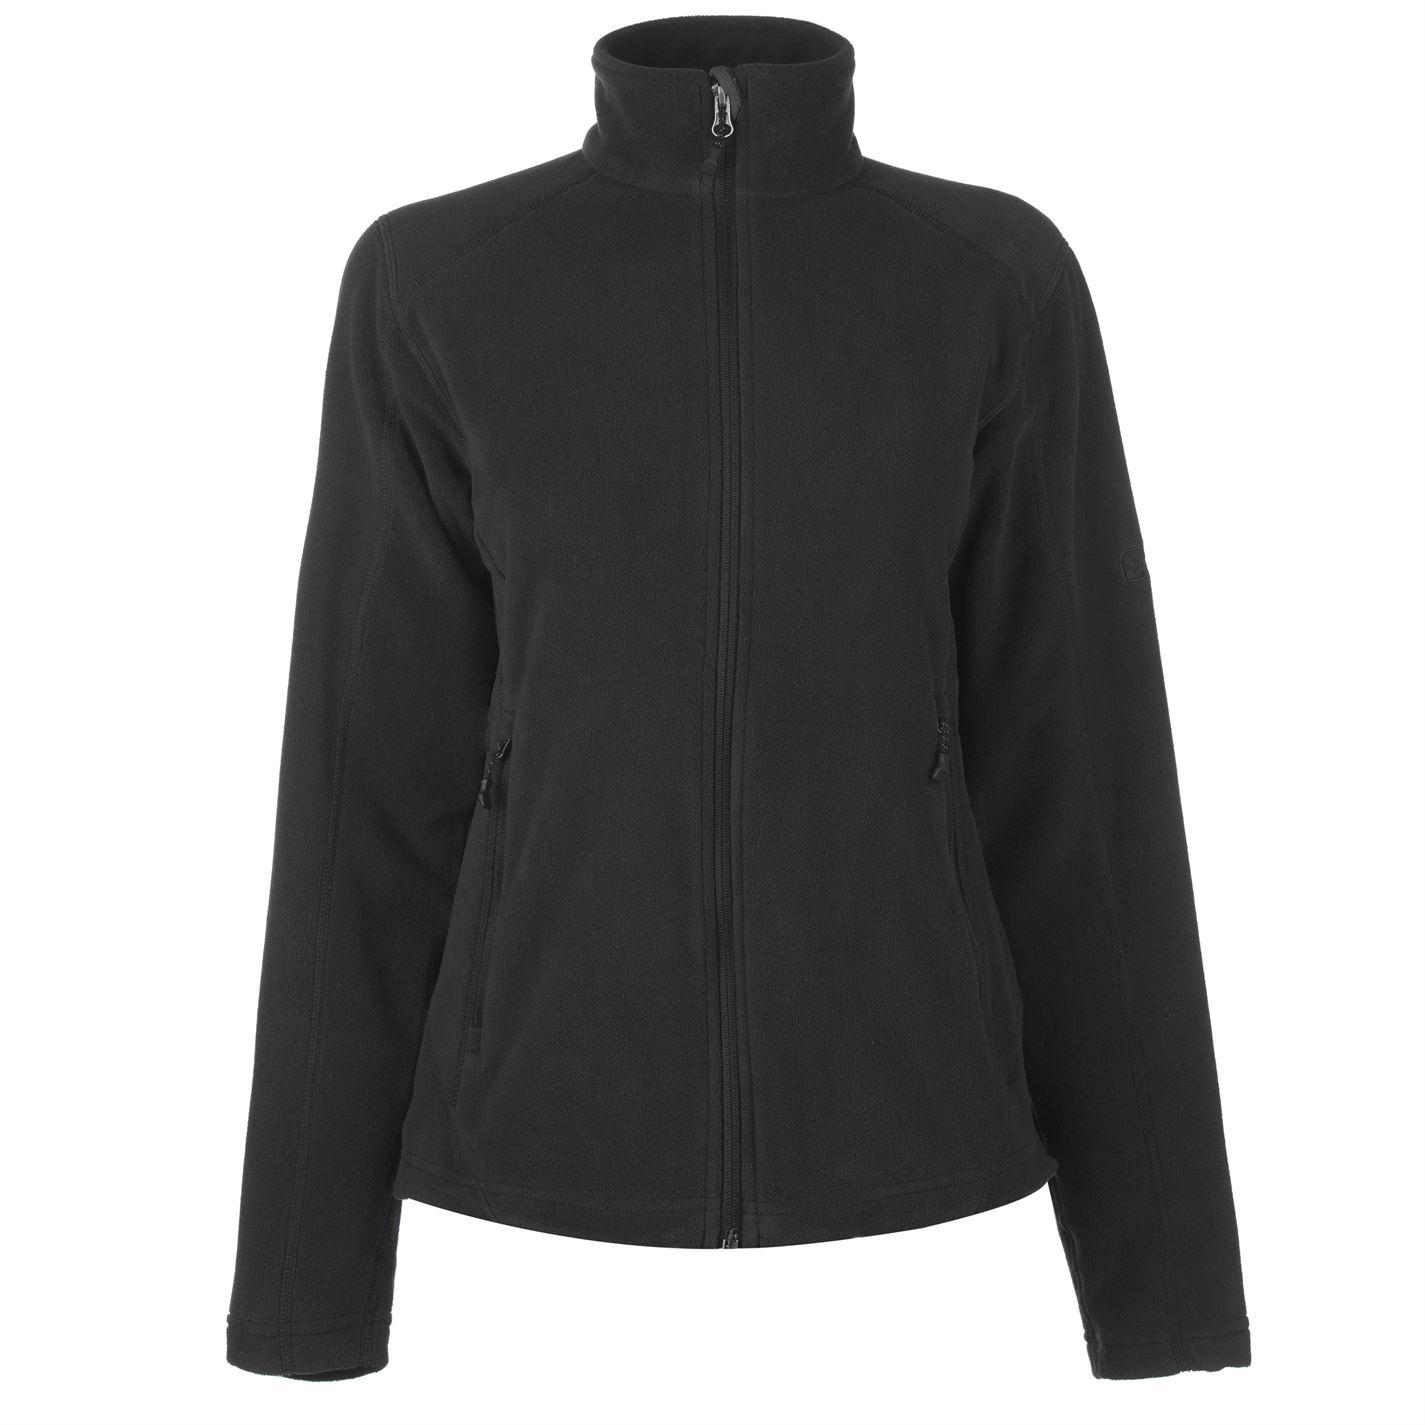 Eastern Mountain Sports Fleece Jacket Womens